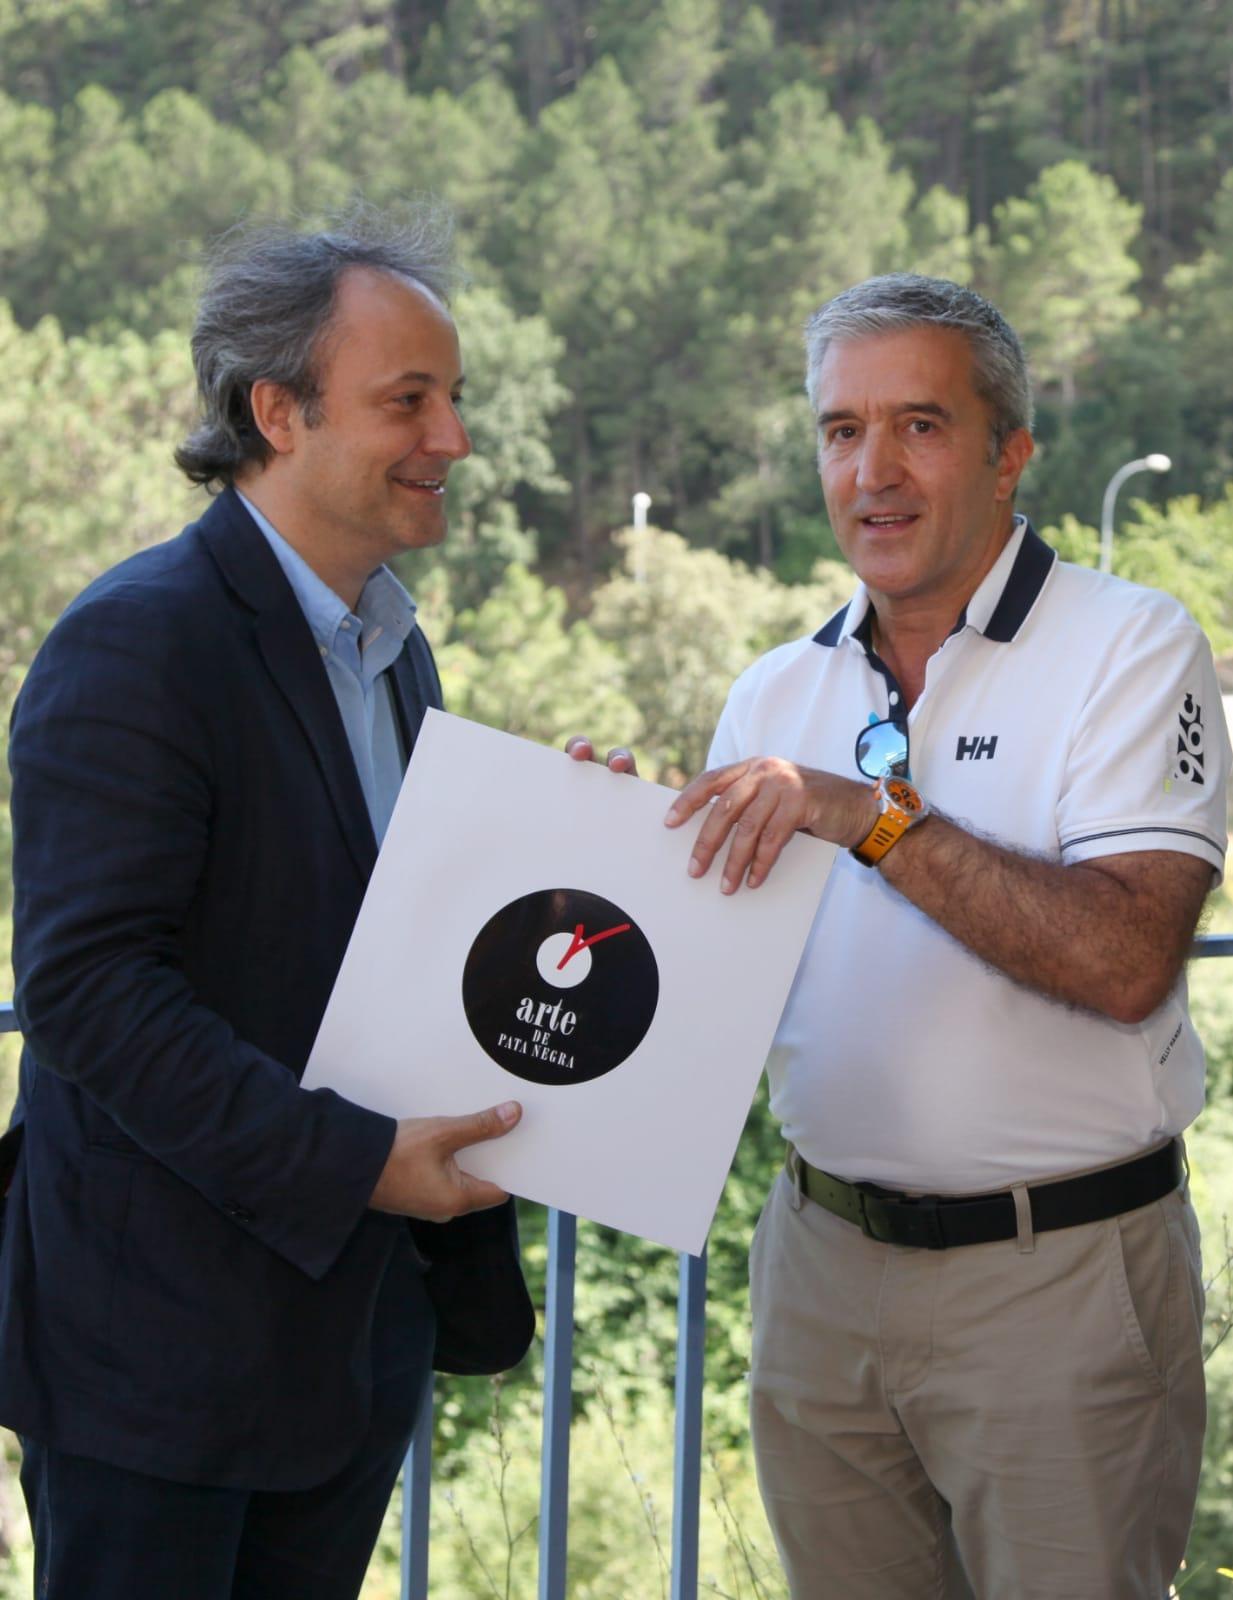 Premios Gredos 2018, Narcis Rebollo y José Miguel B. Mateos